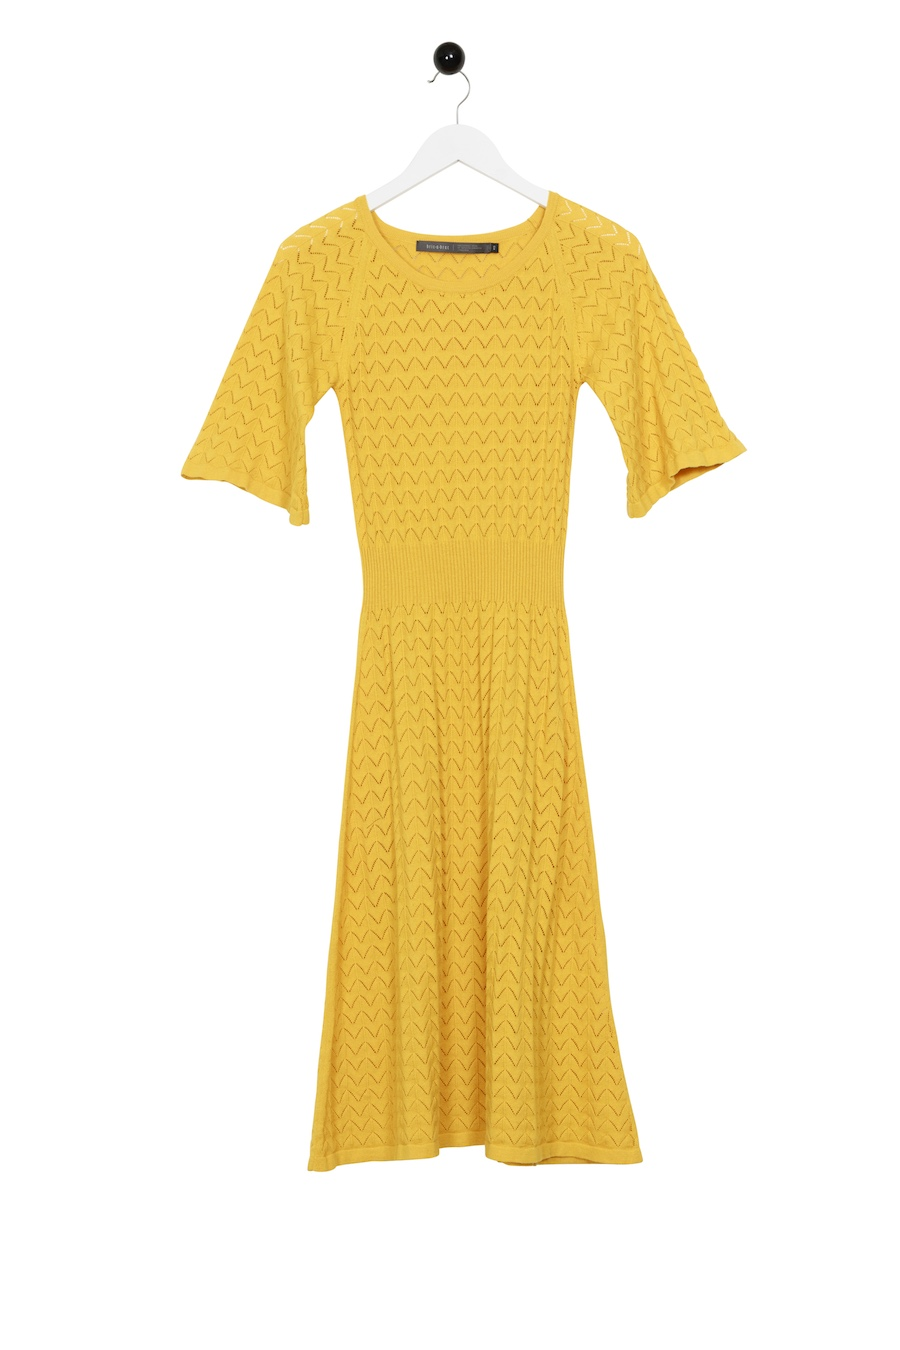 klepper-dress